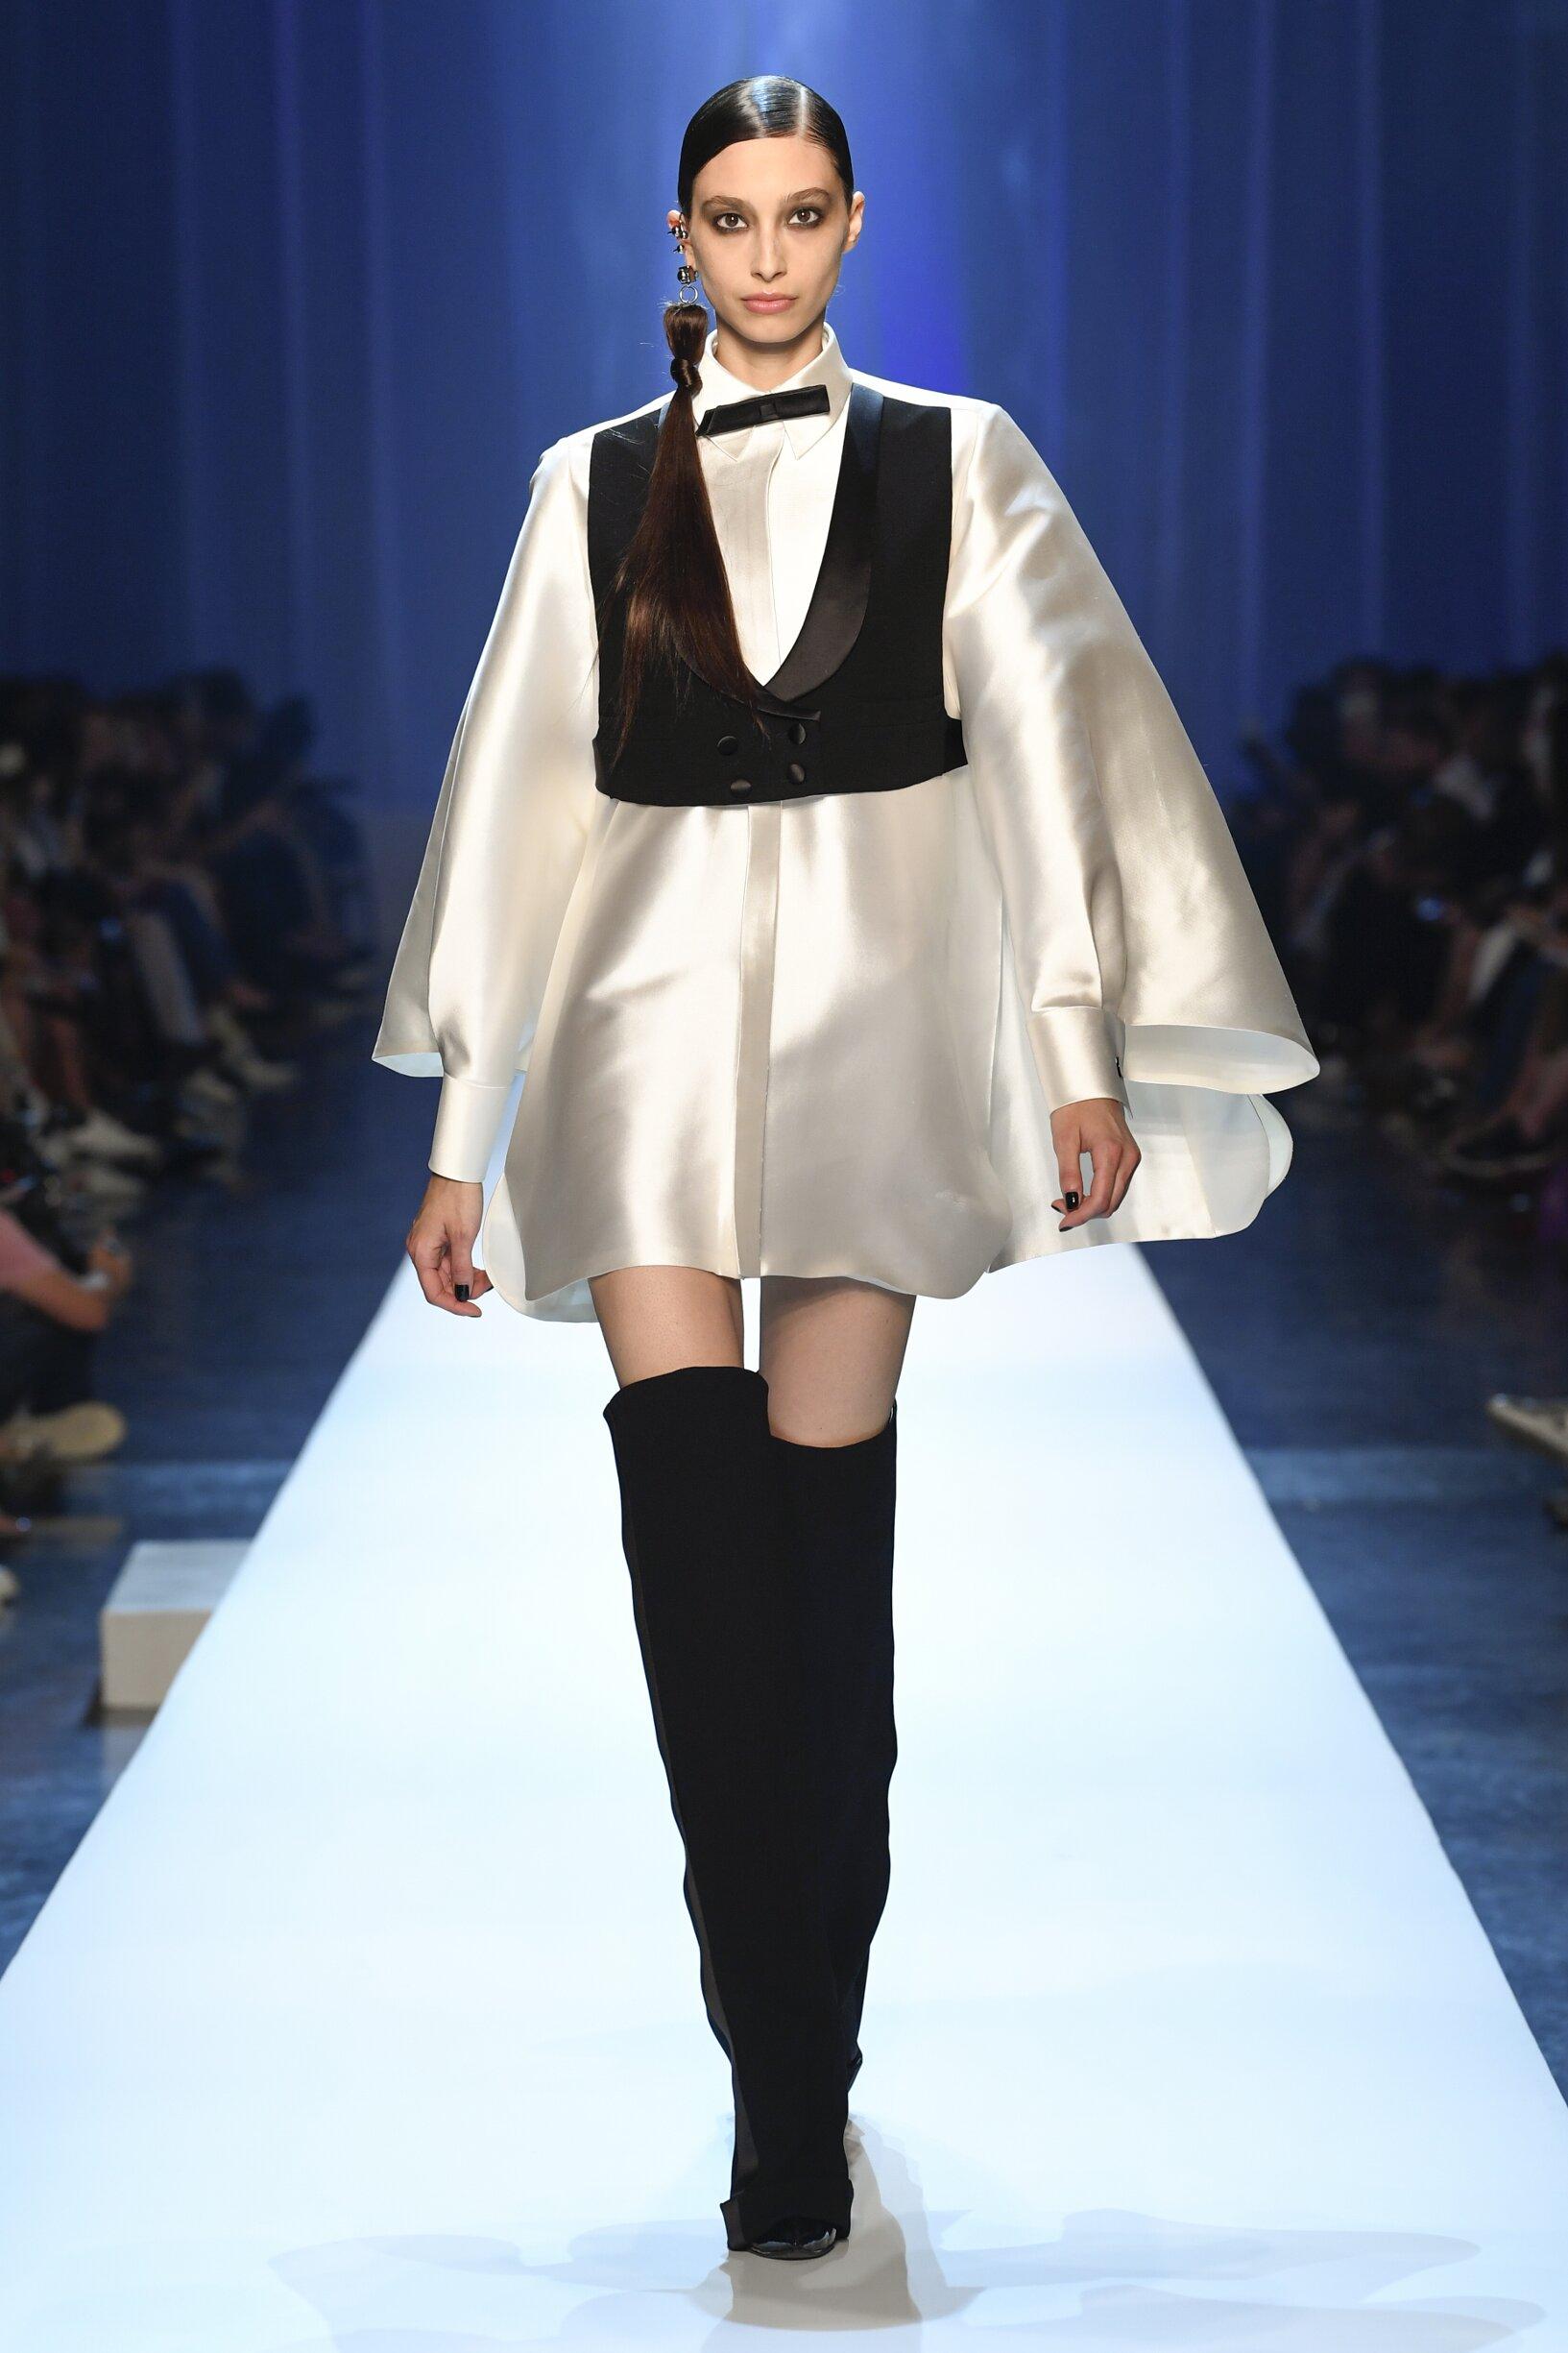 Jean-Paul Gaultier Haute Couture Paris Fashion Week